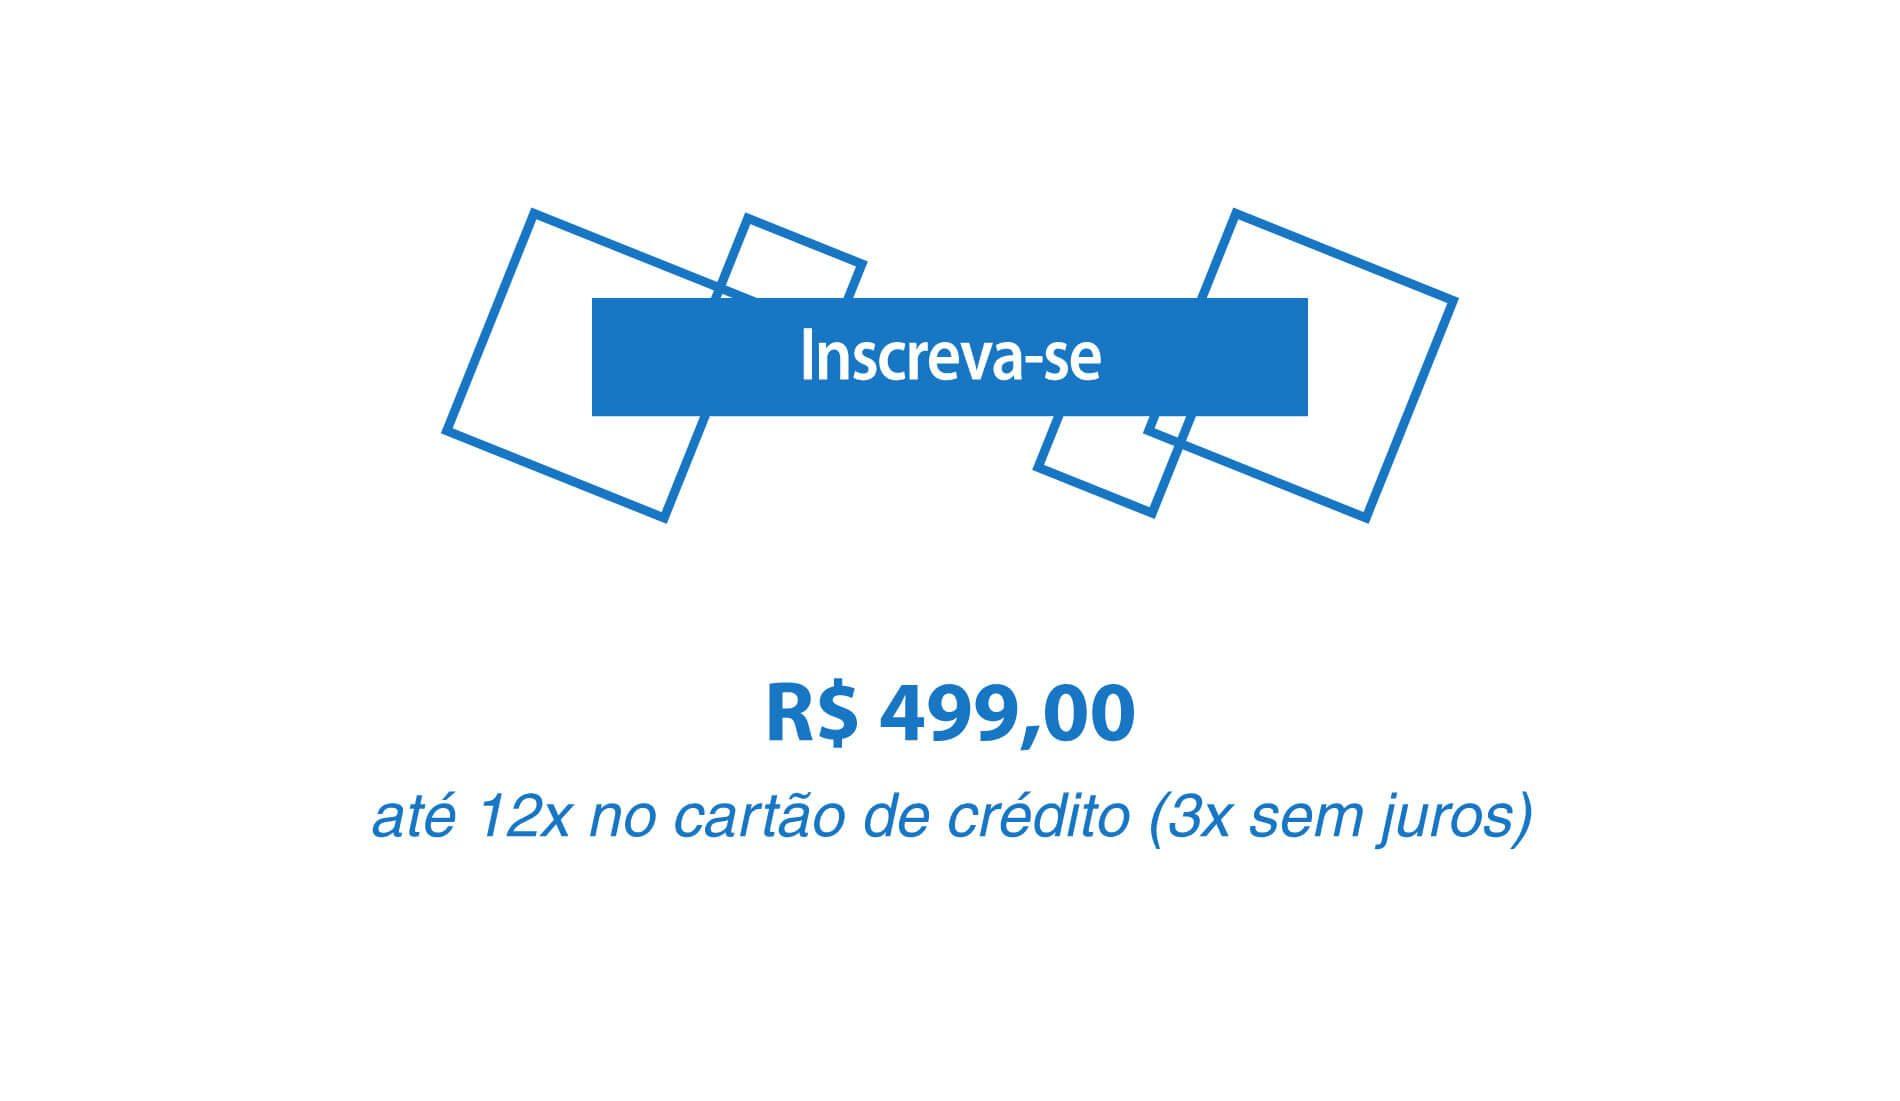 https://www.mestregp.com.br/wp-content/uploads/2018/01/Pagina-CdE-Gestão-de-Pessoas-b-Inscrevase-1900x1101.jpg